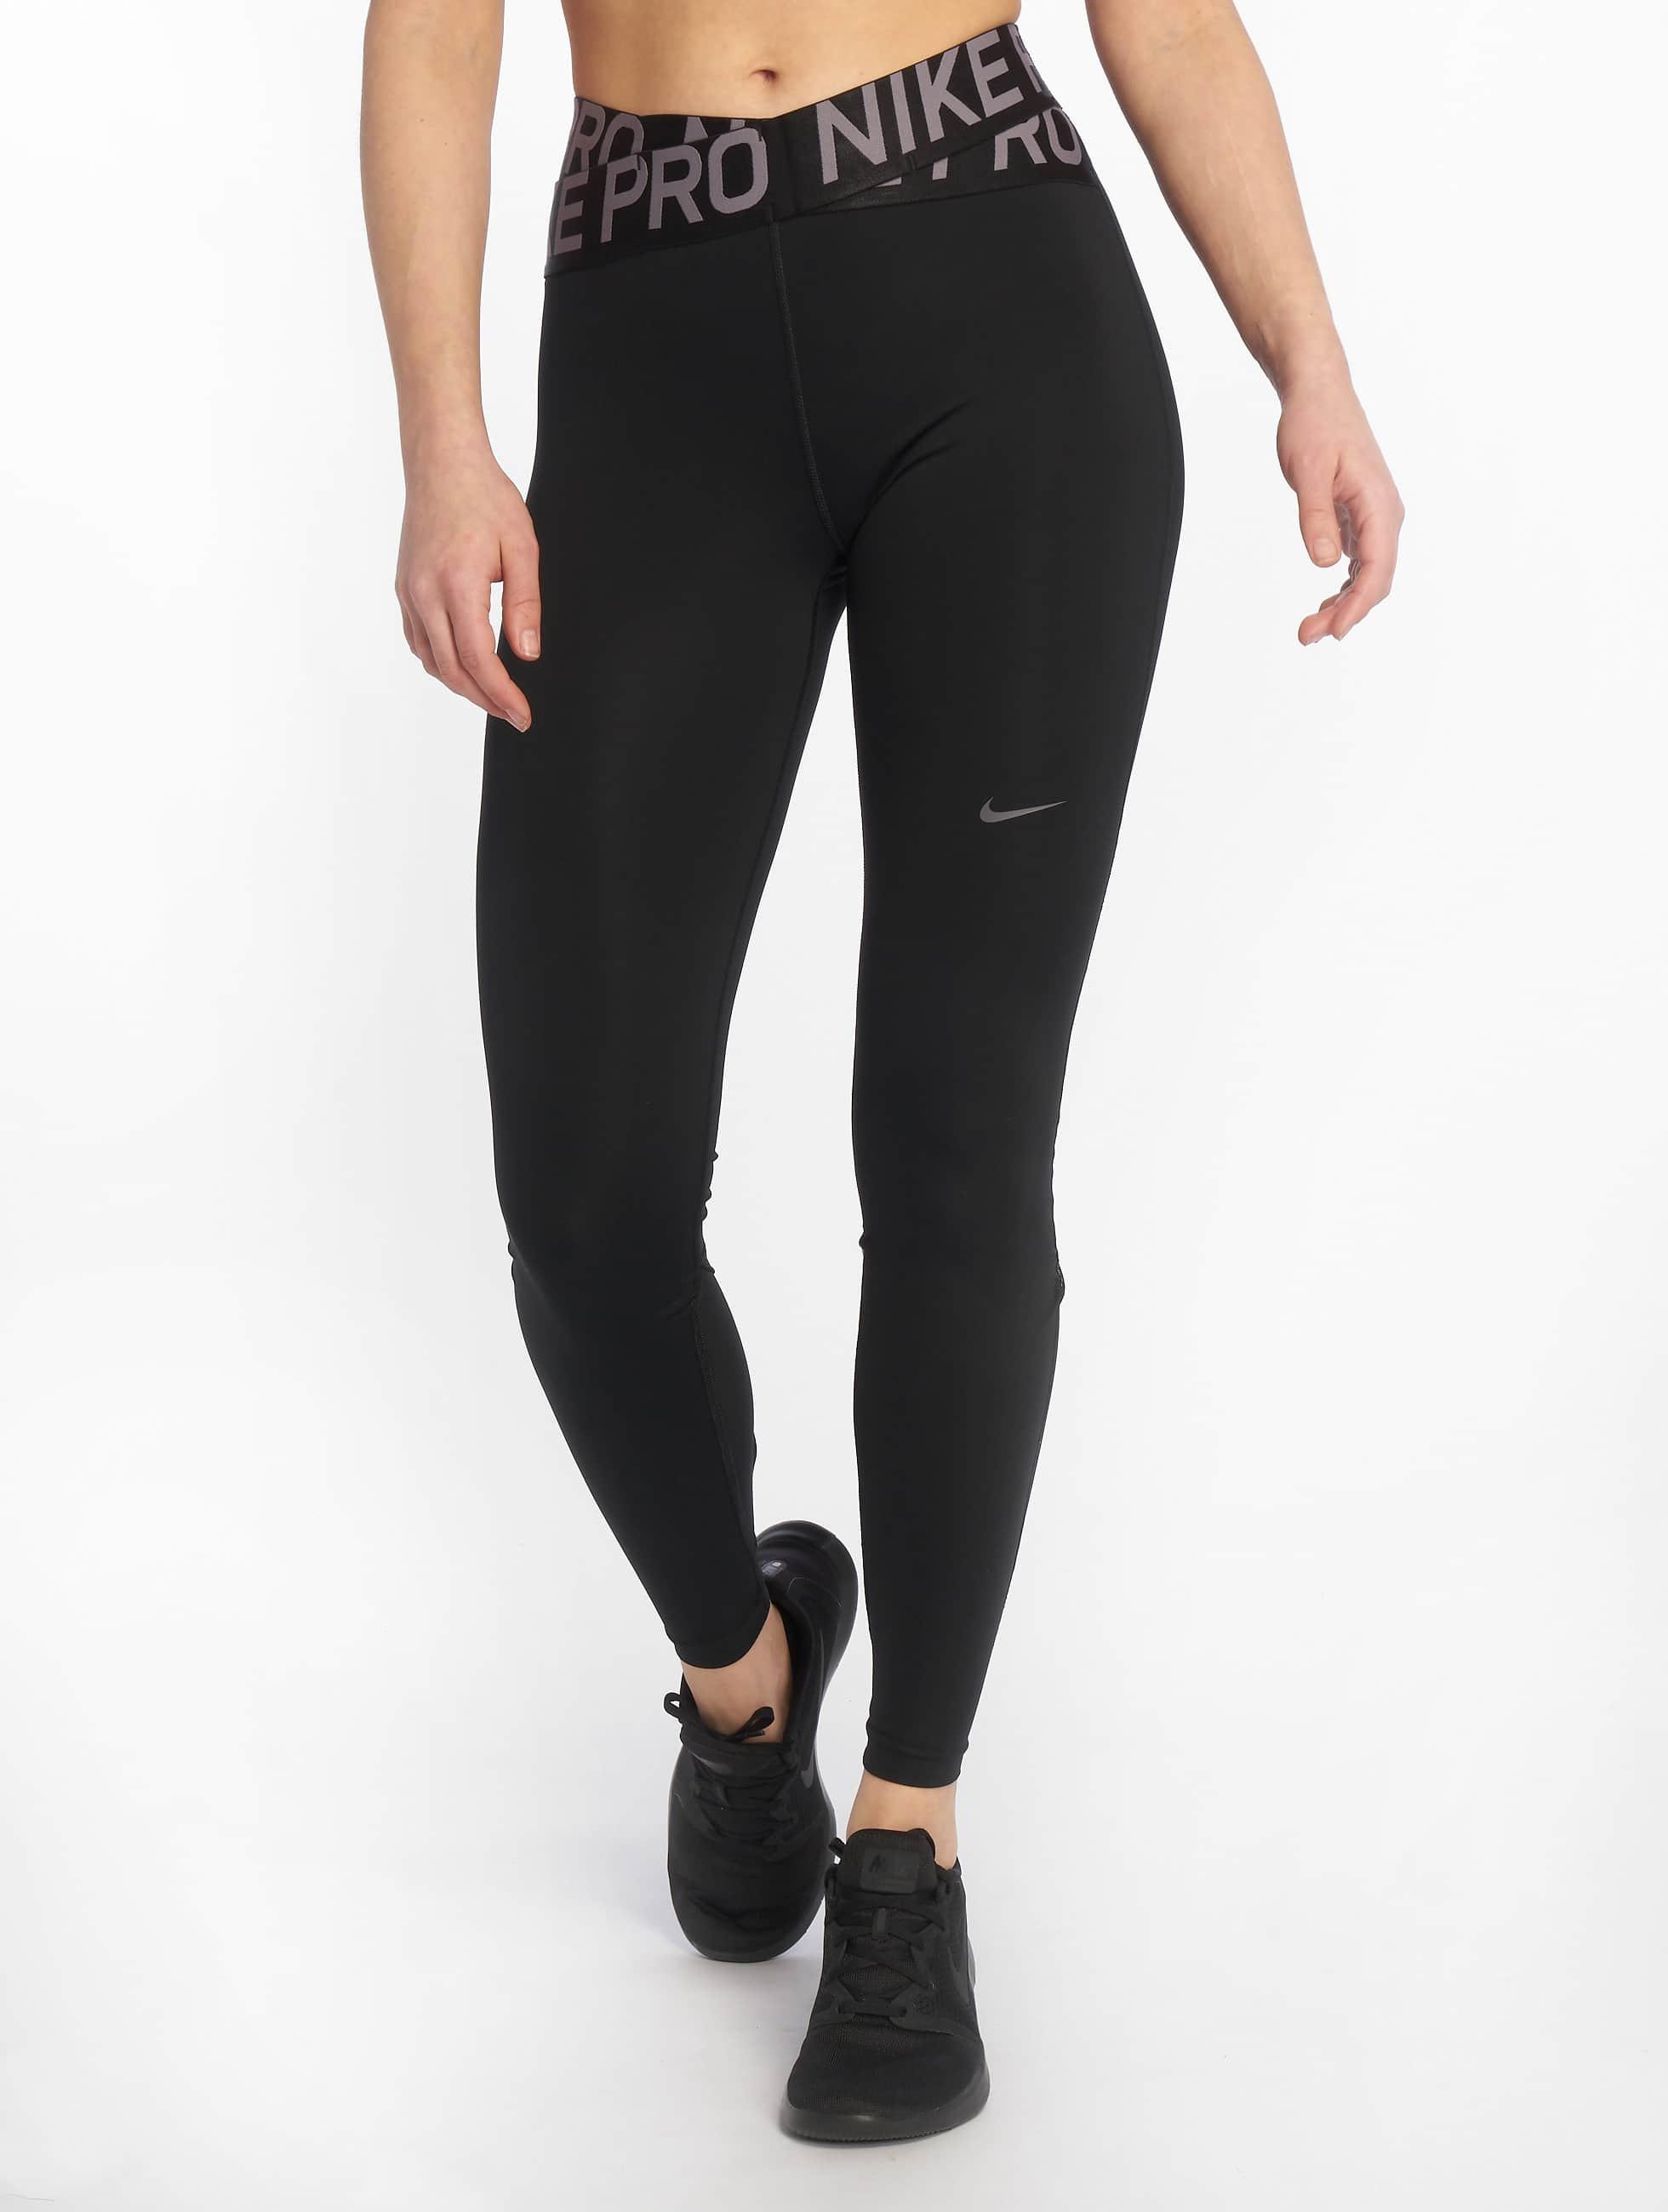 9e8960e54f9 Nike Sport / Sportleggings Pro Intertwist 2.0 Tight in zwart 587003